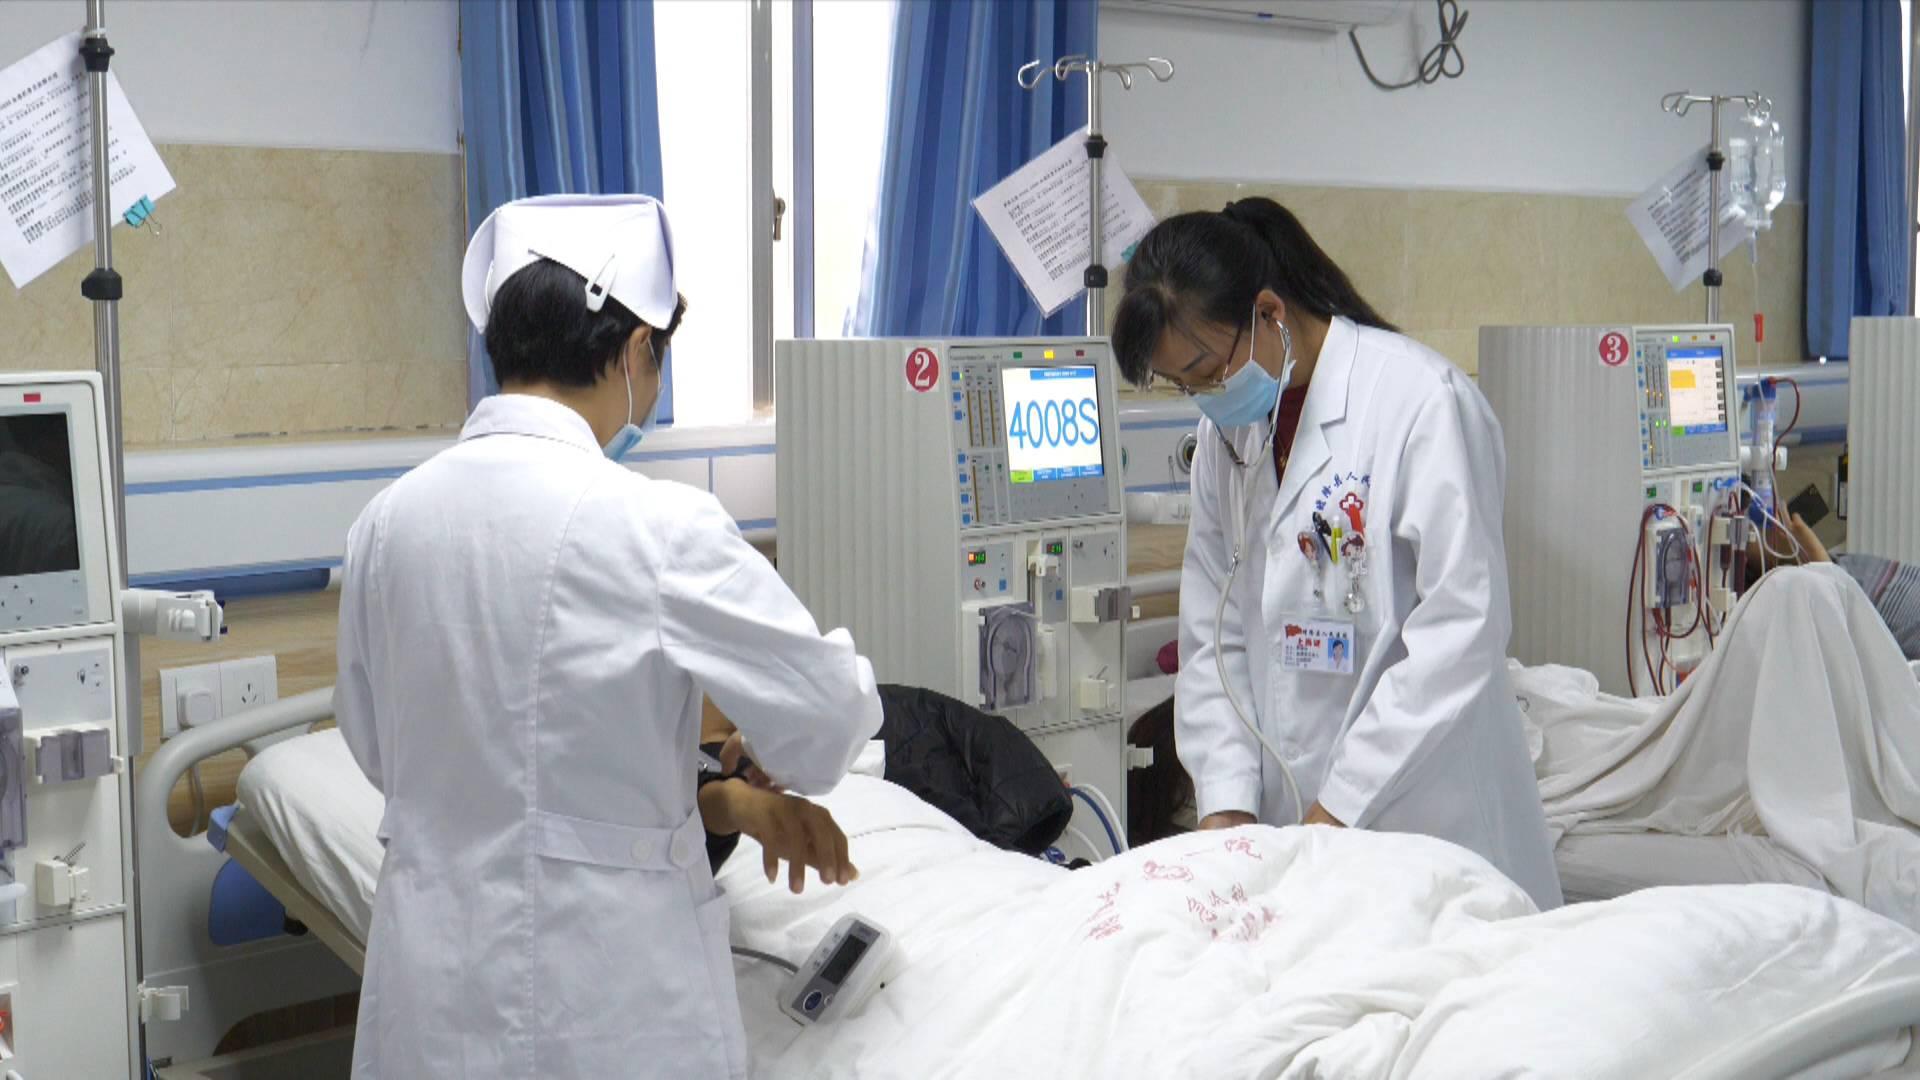 贵州健康扶贫对脱贫攻坚贡献率增至13.73%